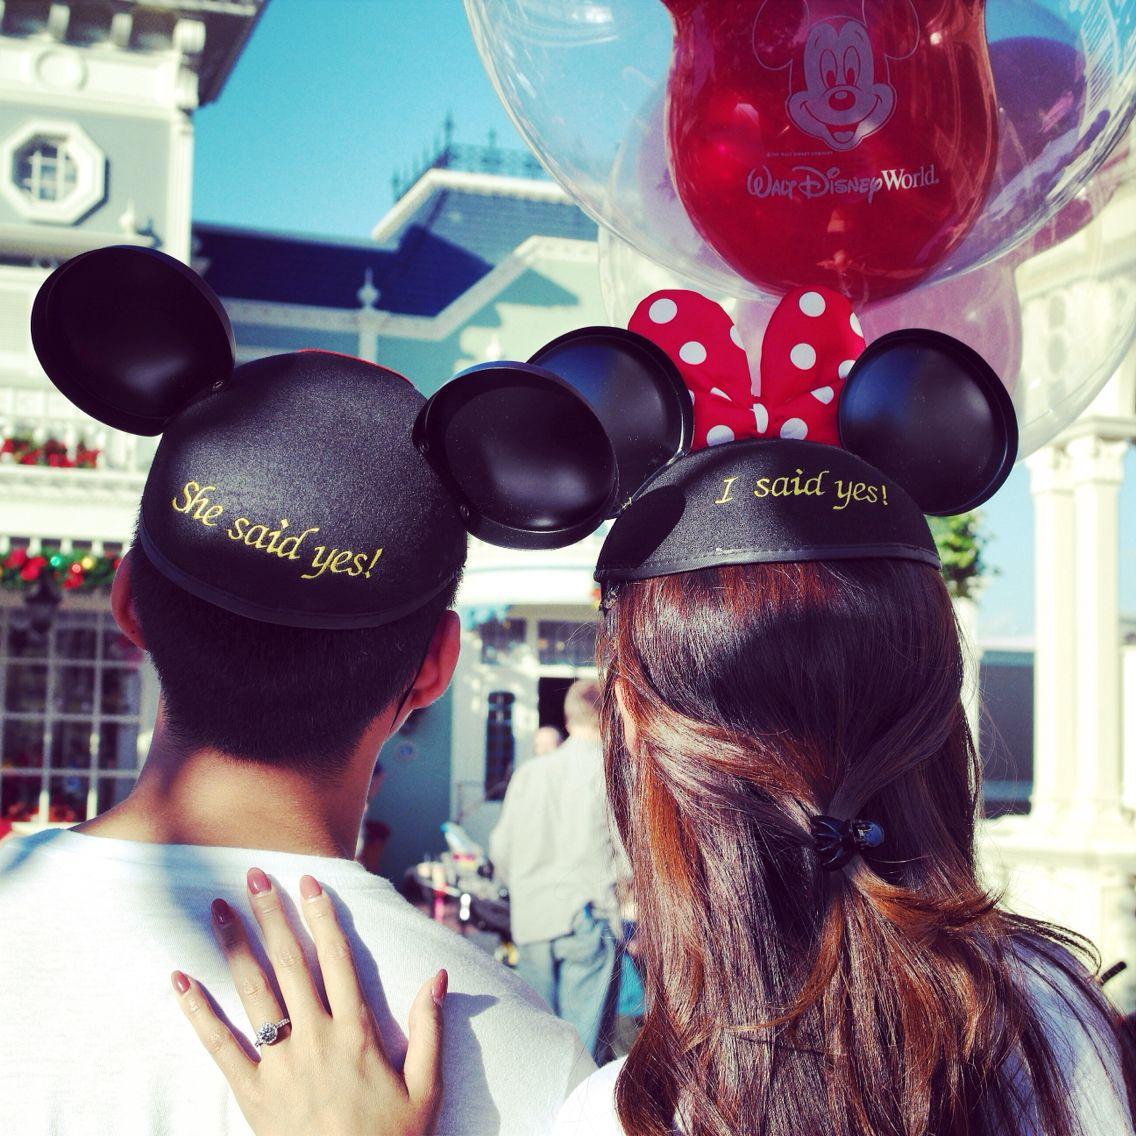 2014.11.09 'I Said YES!' #Disney #World #Proposal